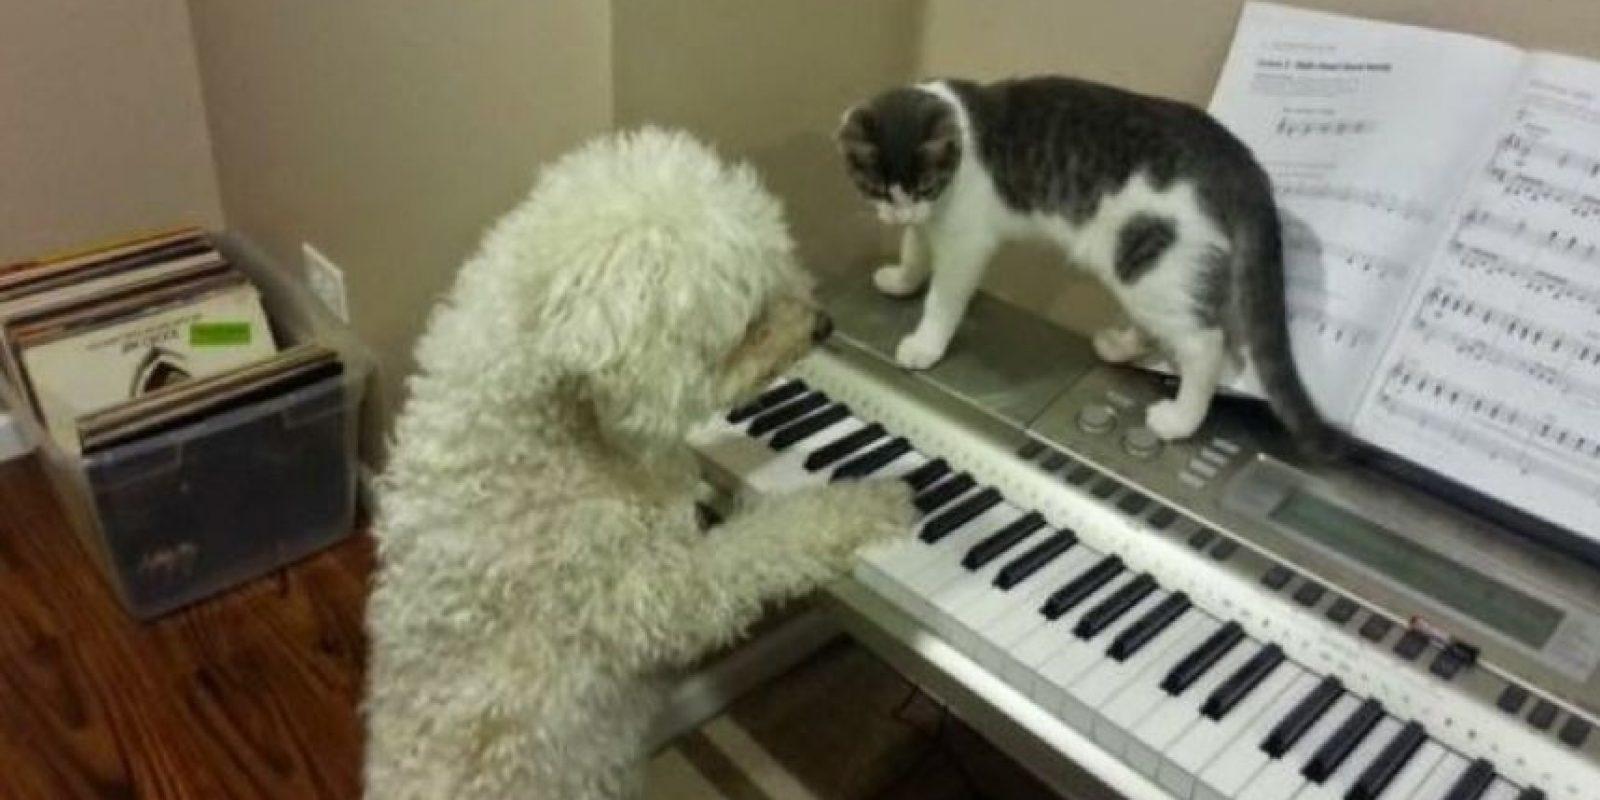 Como siempre, en el teclado Foto:Imgur